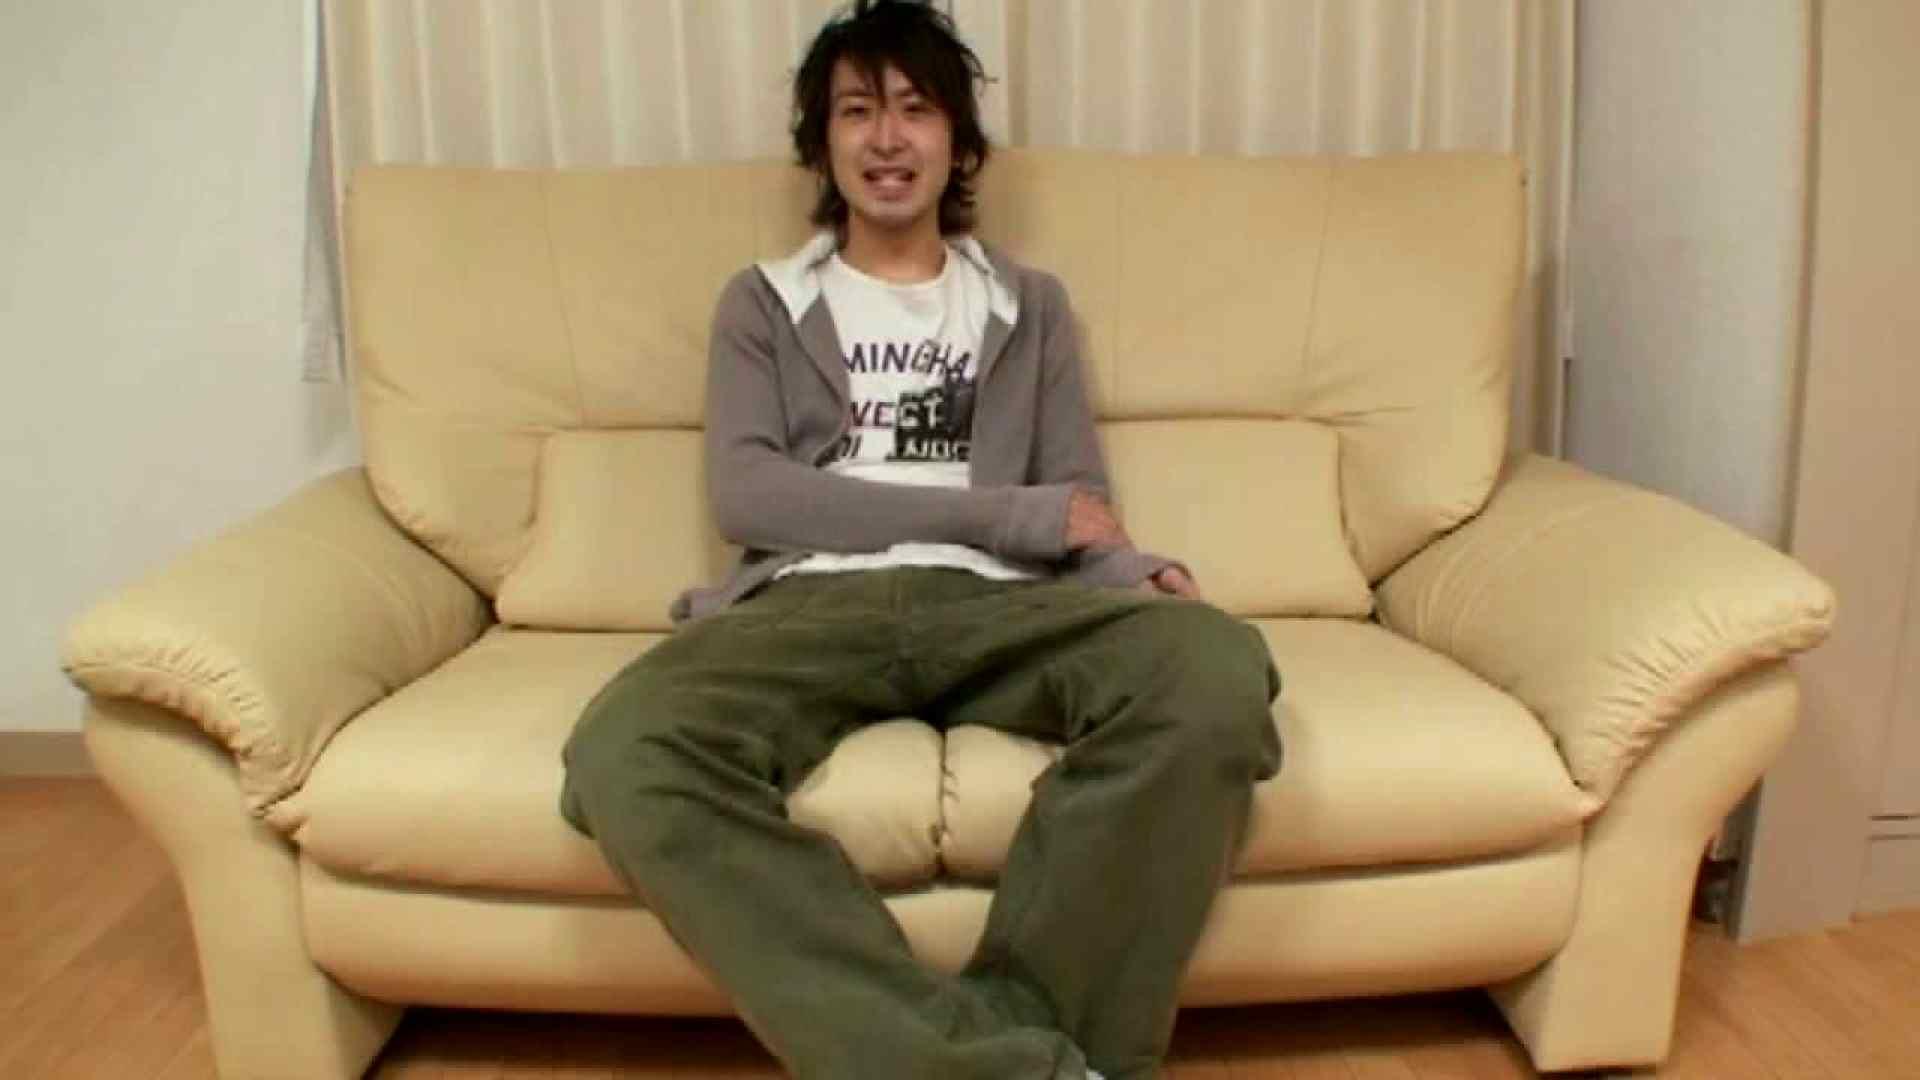 ノンケ!自慰スタジオ No.21 ノンケのオナニー  10枚 4